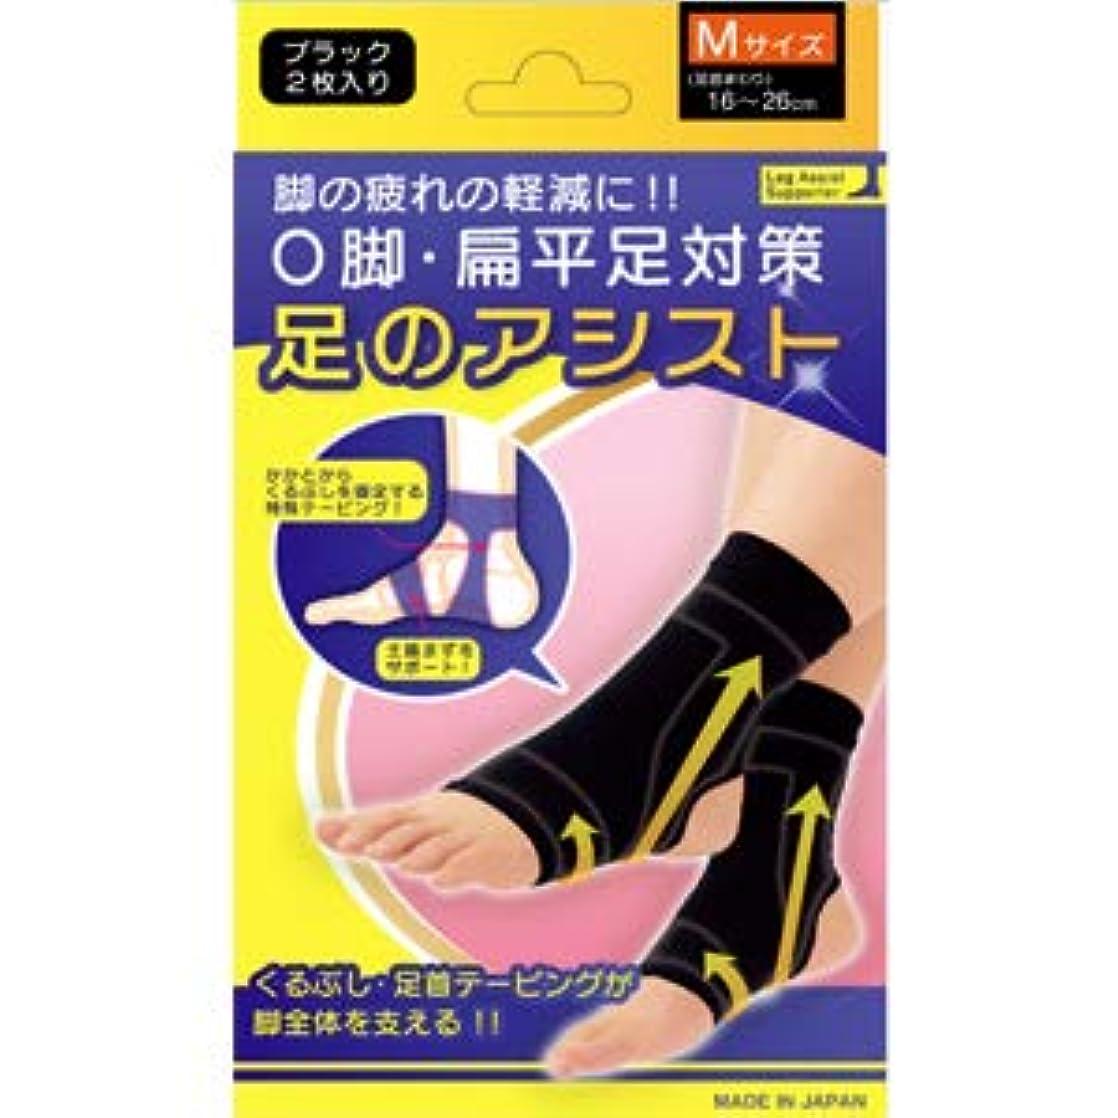 素晴らしさ宗教的なメキシコ美脚足のアシスト ブラック 2枚入り Mサイズ(足首まわり16~26cm)